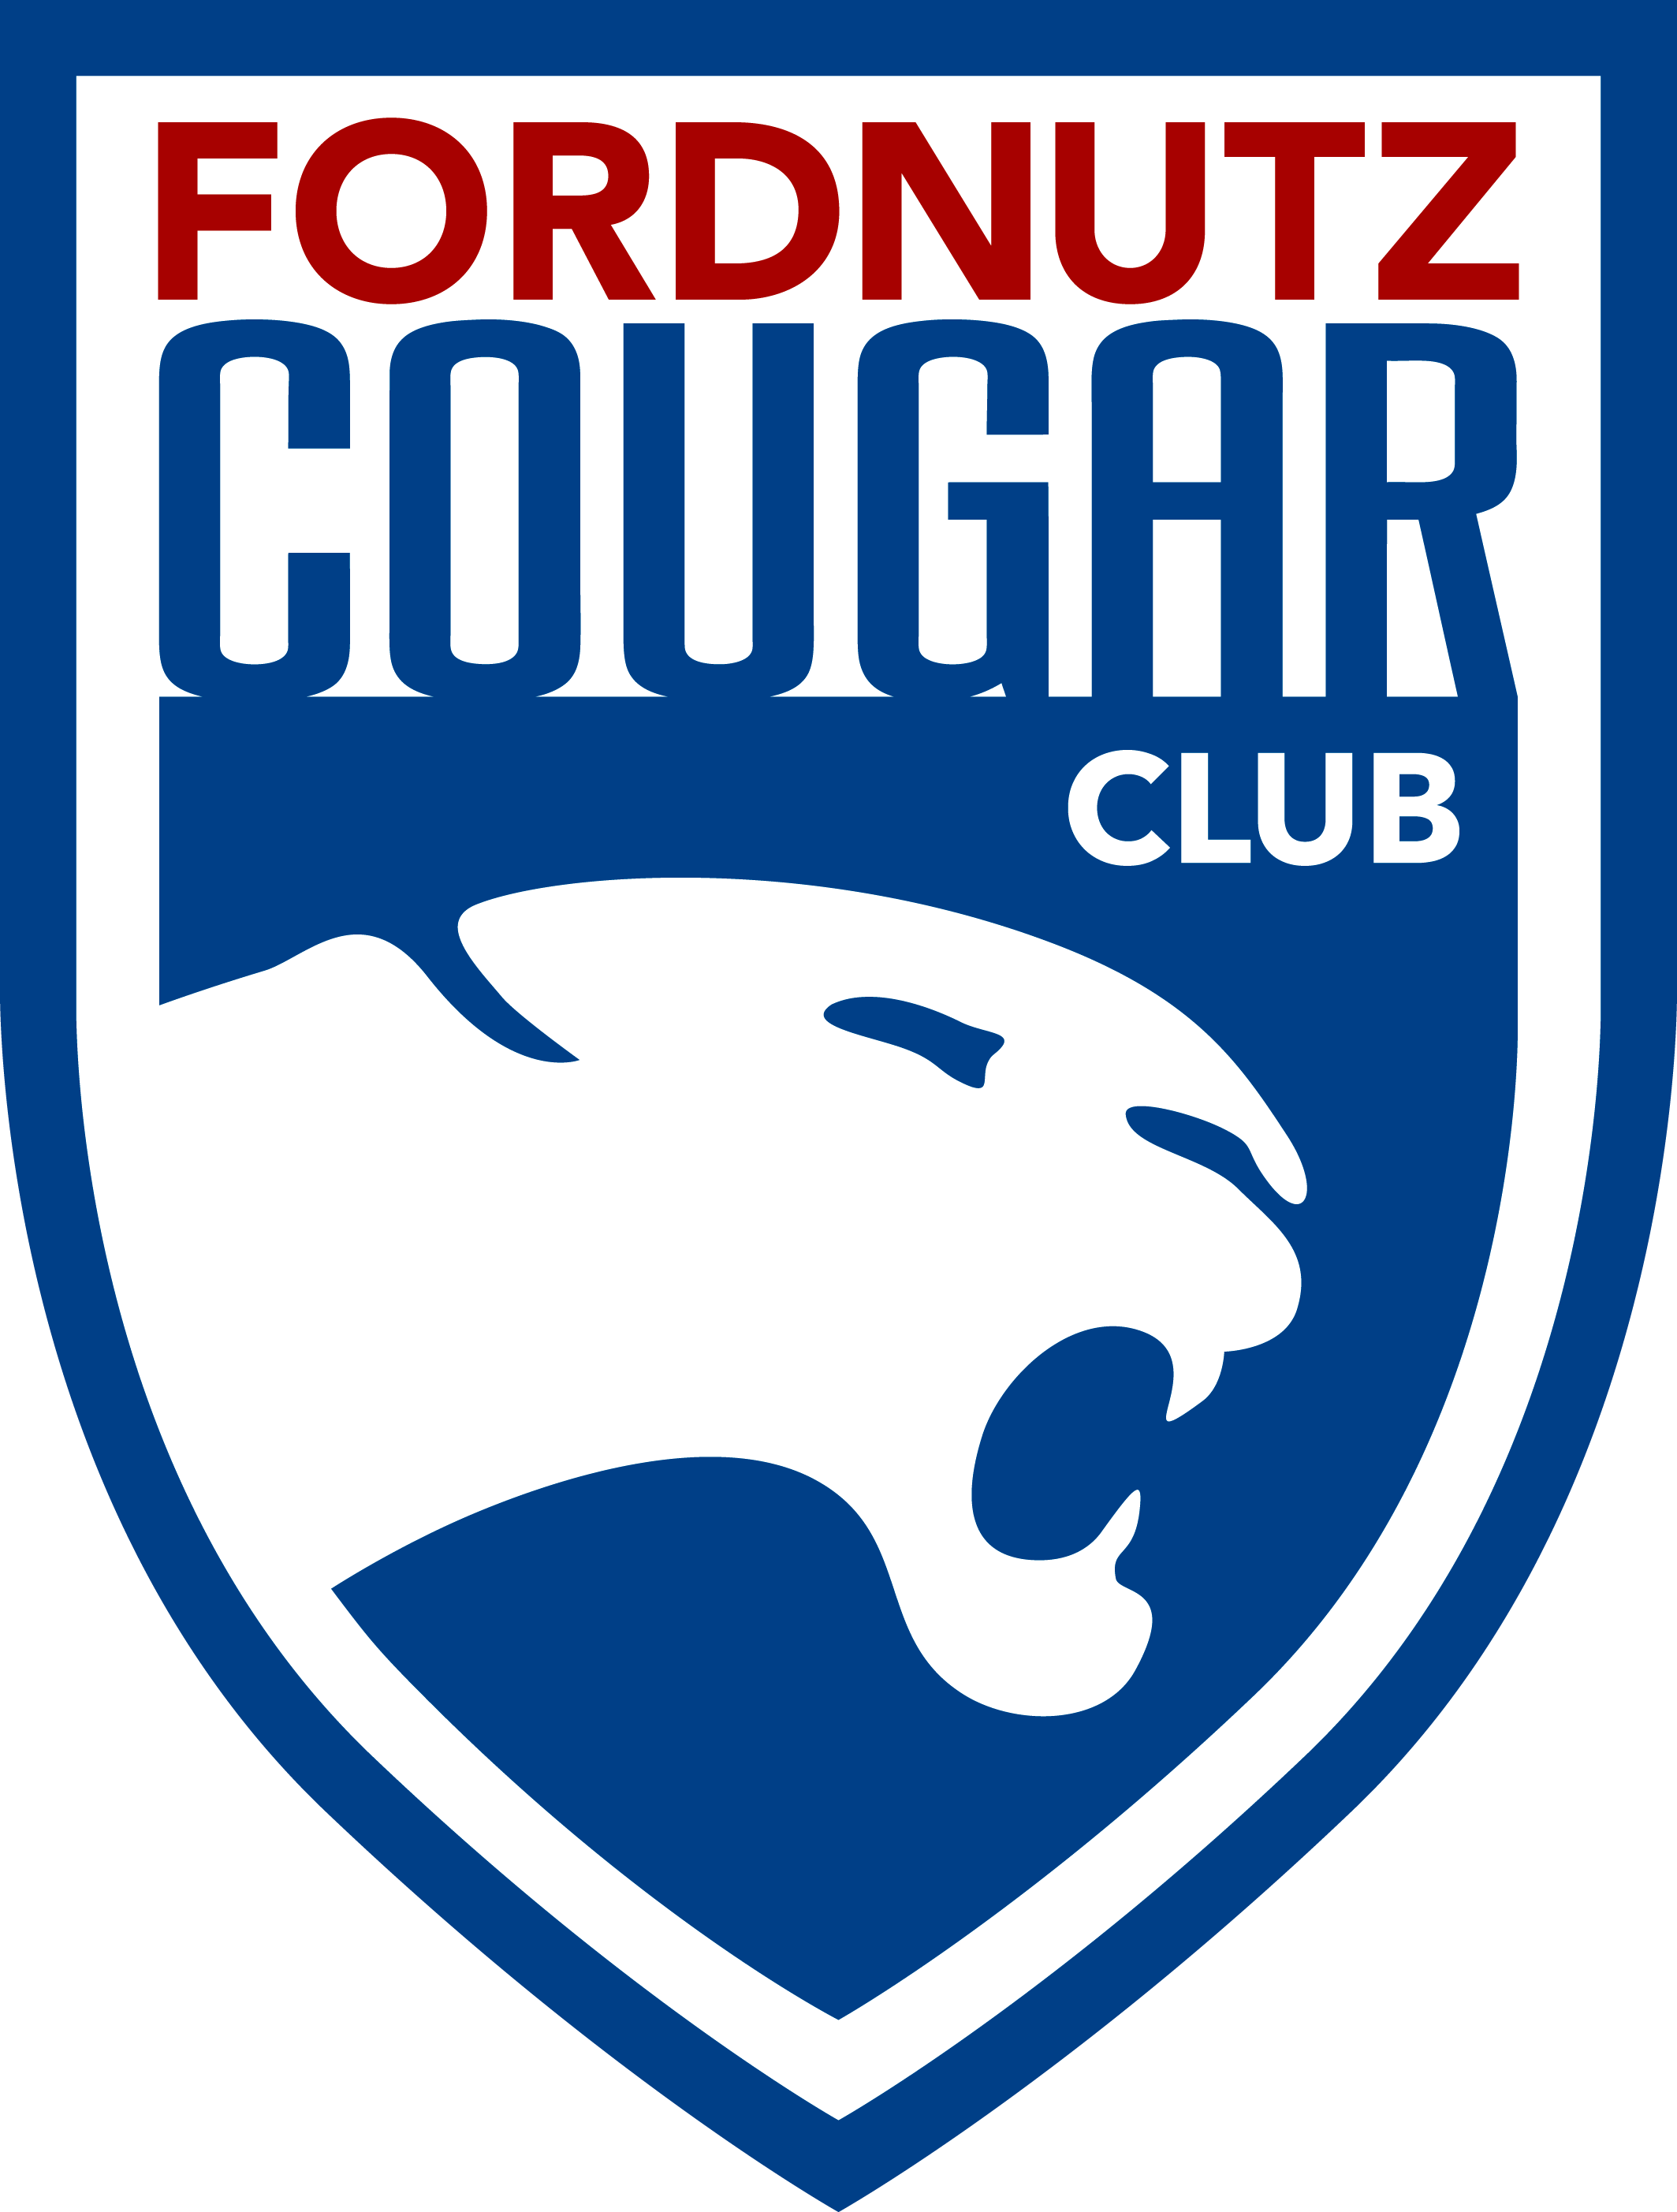 Fordnutz Cougar Club